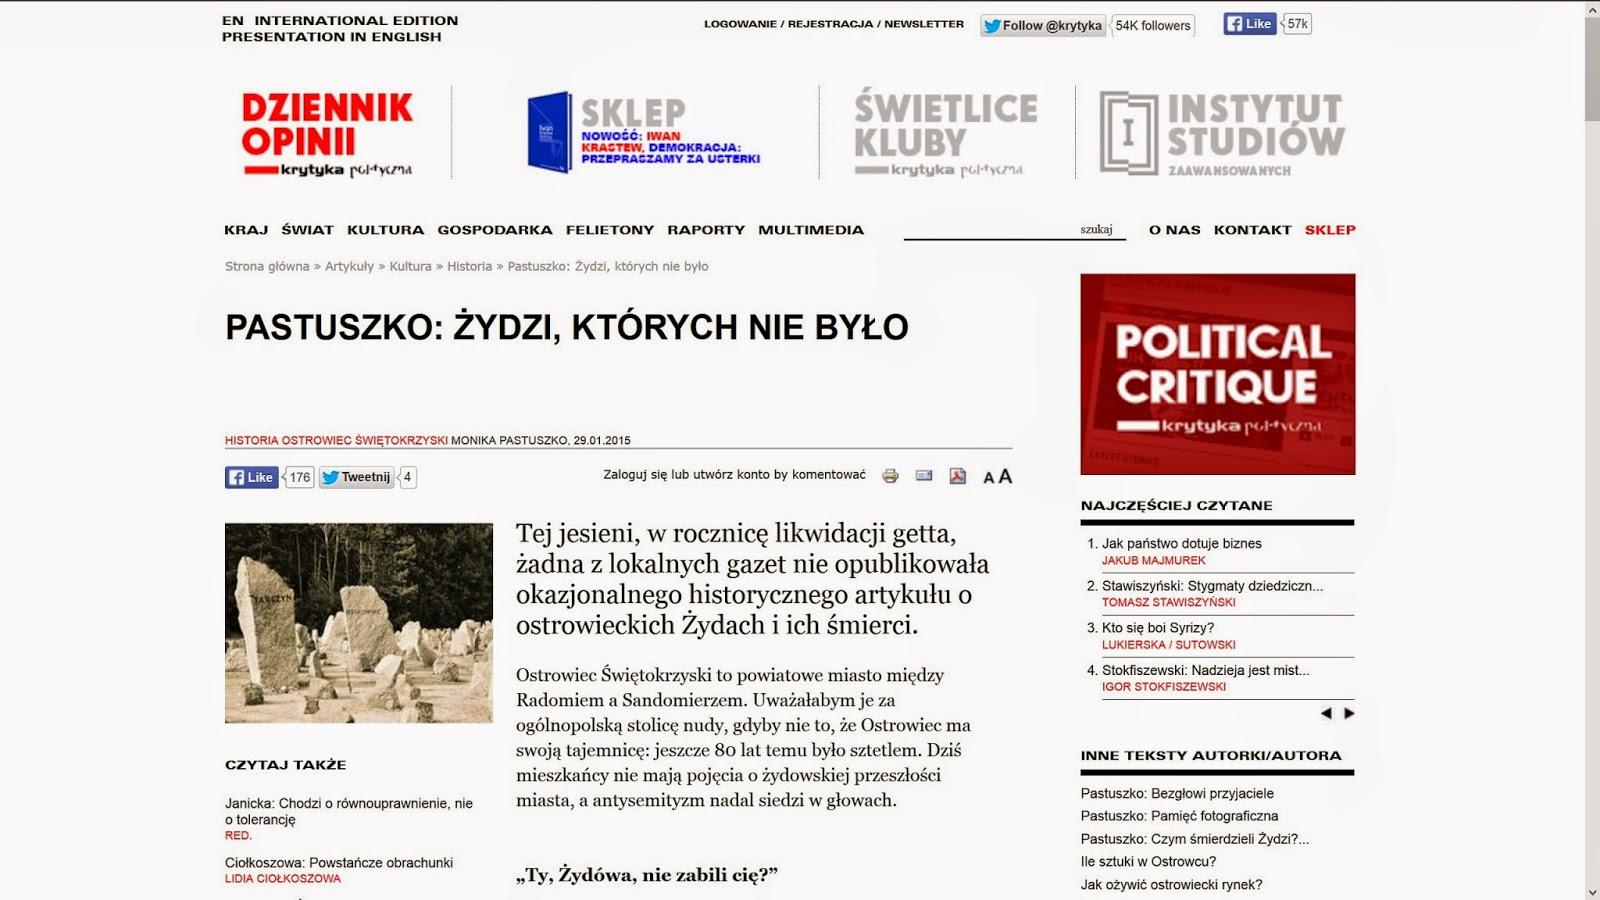 http://www.krytykapolityczna.pl/artykuly/historia/20150129/pastuszko-zydzi-ktorych-nie-bylo